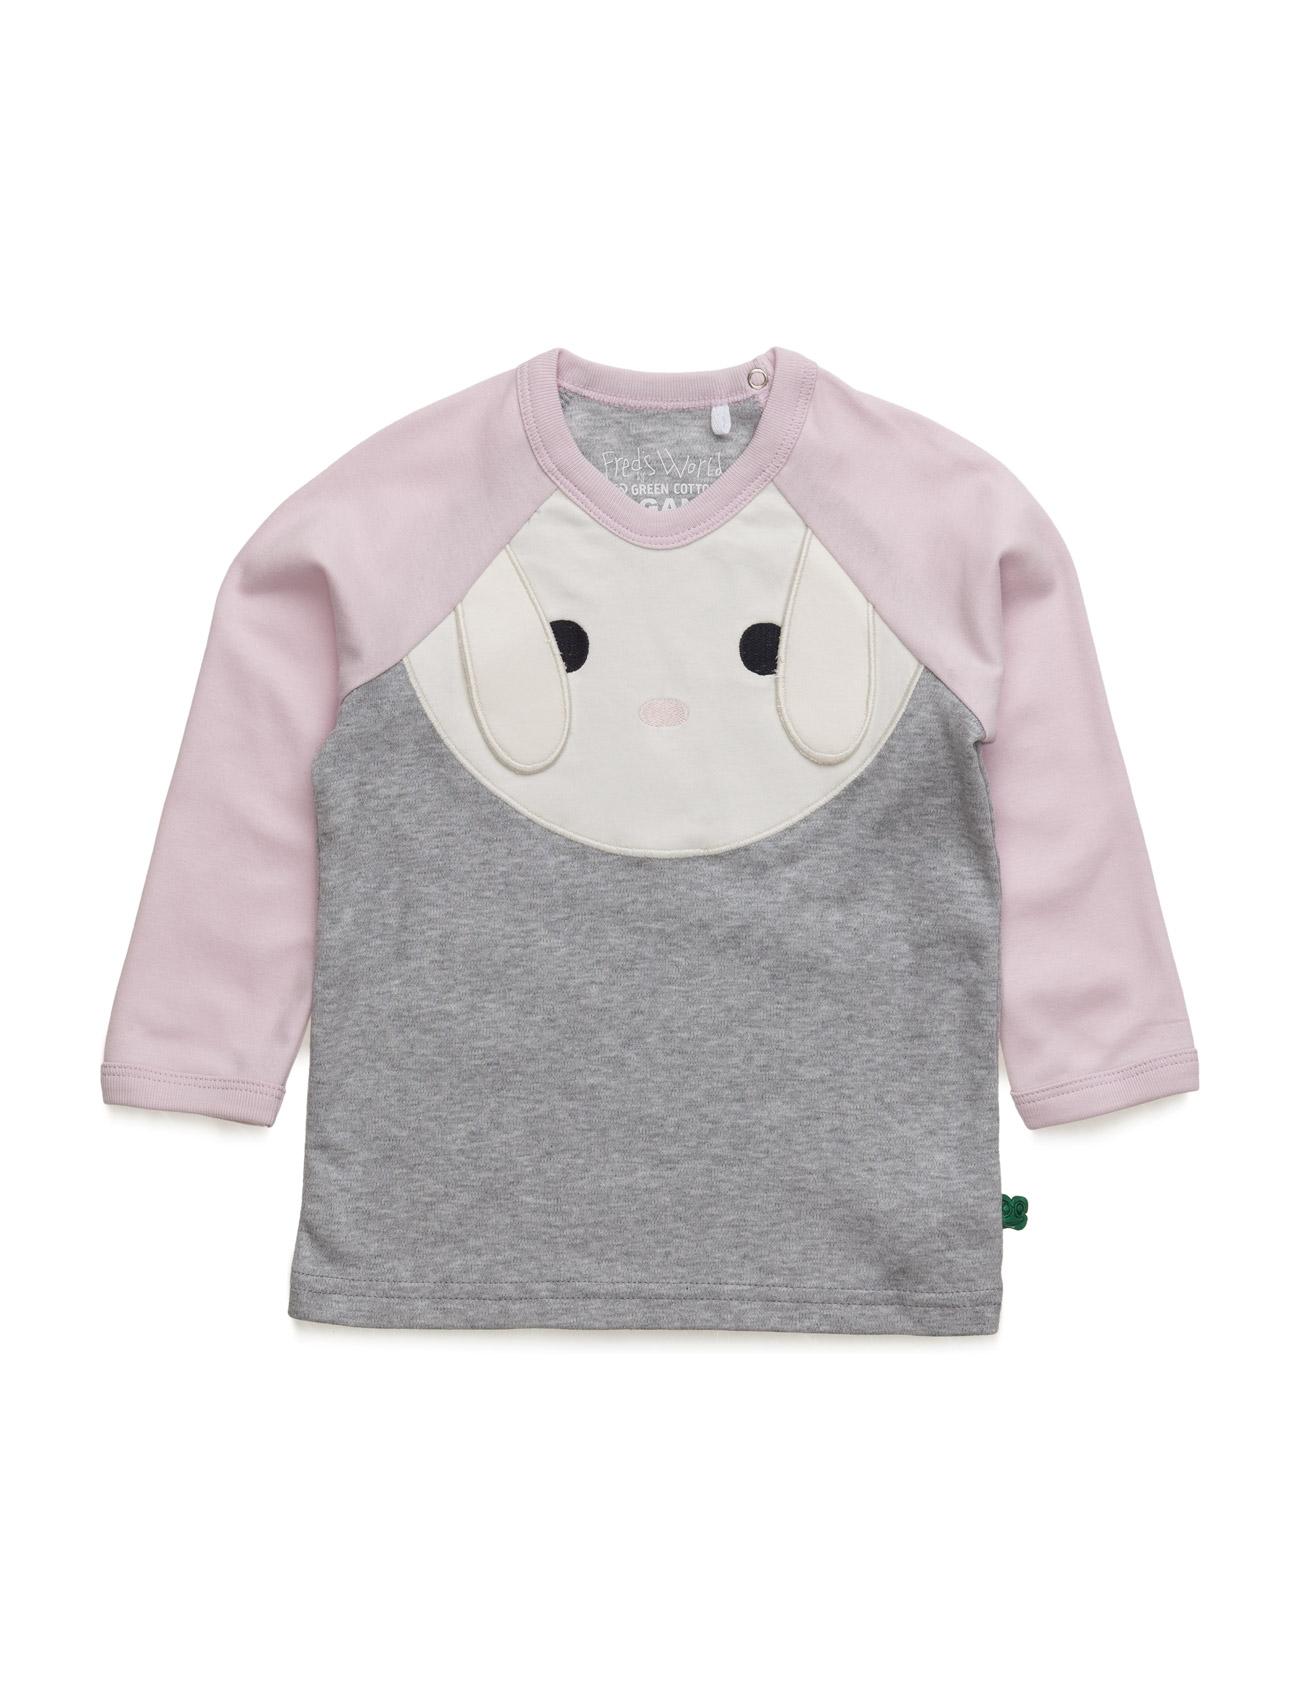 Bunny Front T Freds World Langærmede t-shirts til Børn i Pale Greymarl